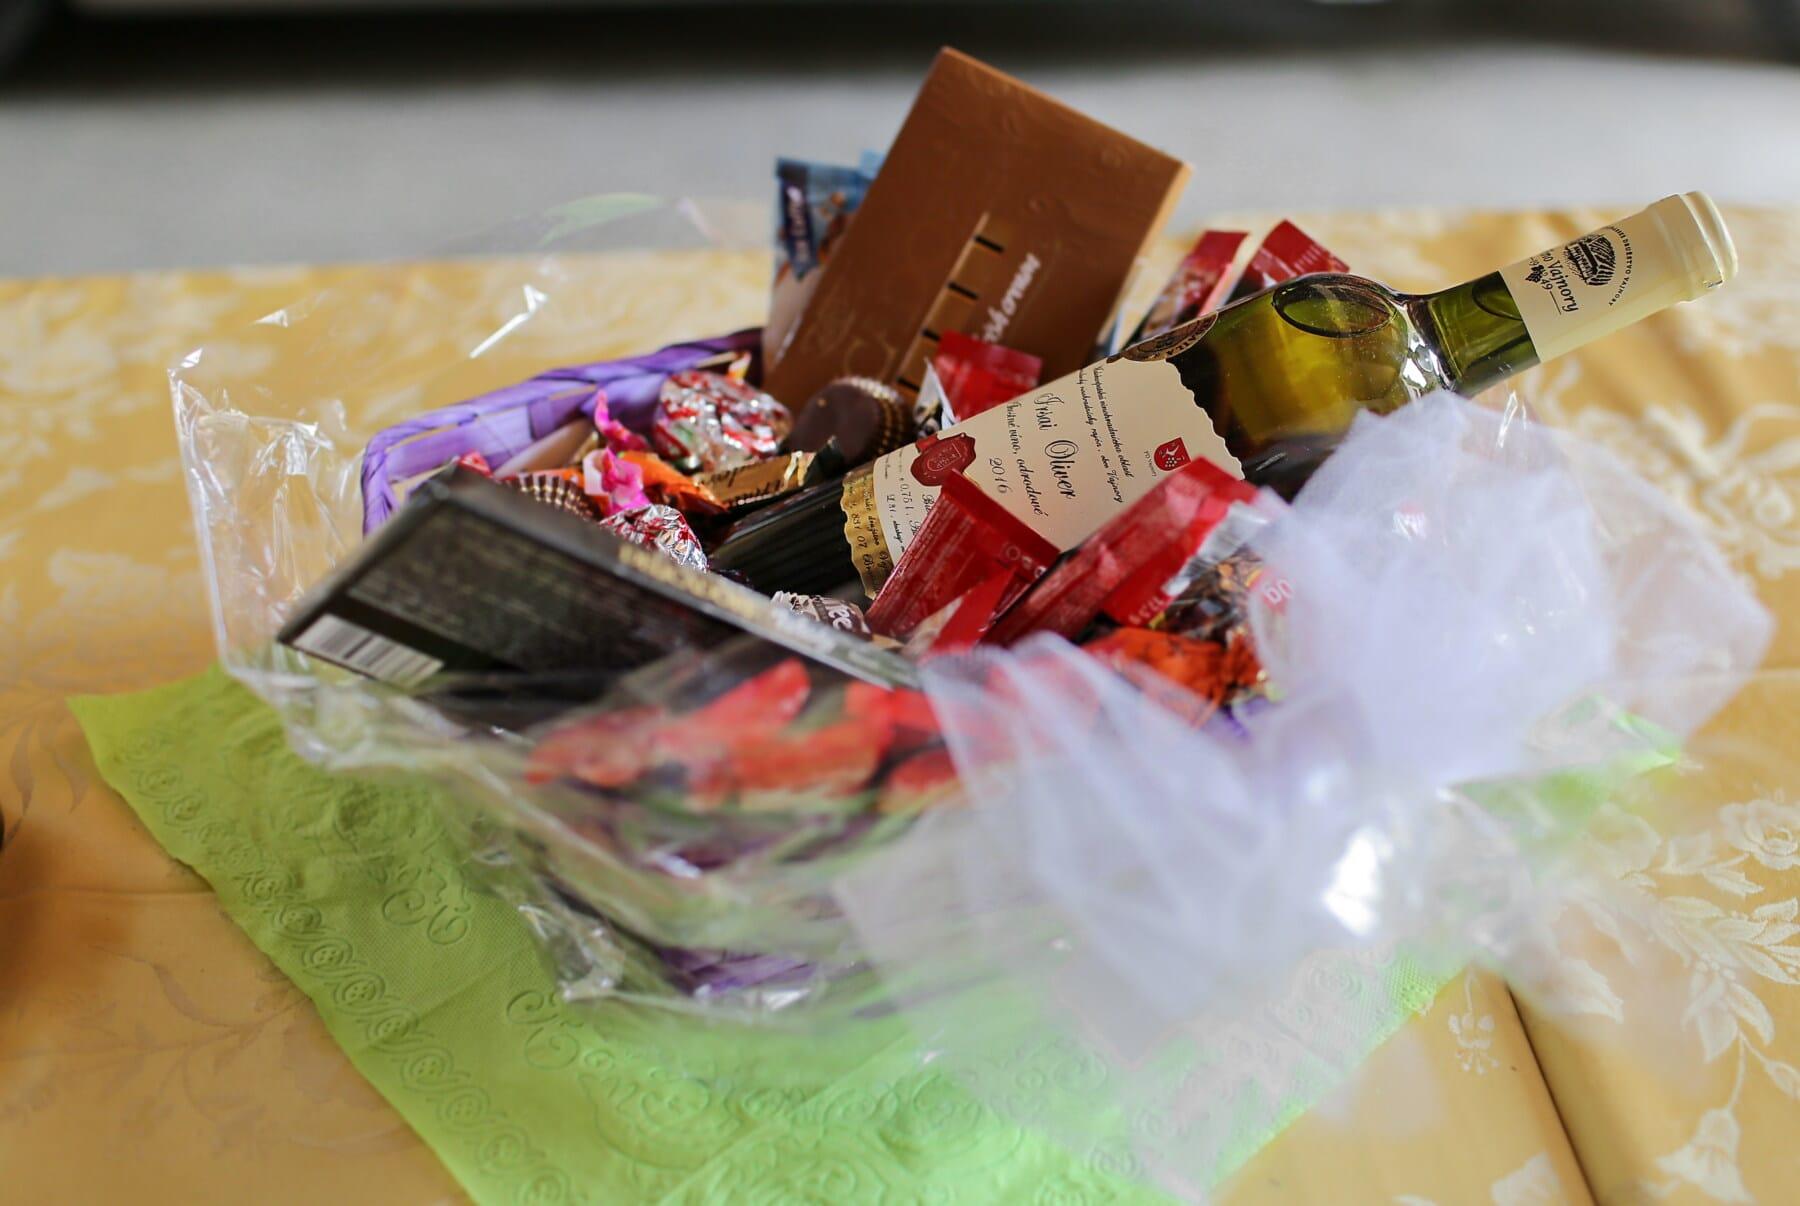 Valentinstag, Pralinen, Weißwein, Geschenke, romantische, Liebe, Paket, Container, Papier, Luxus